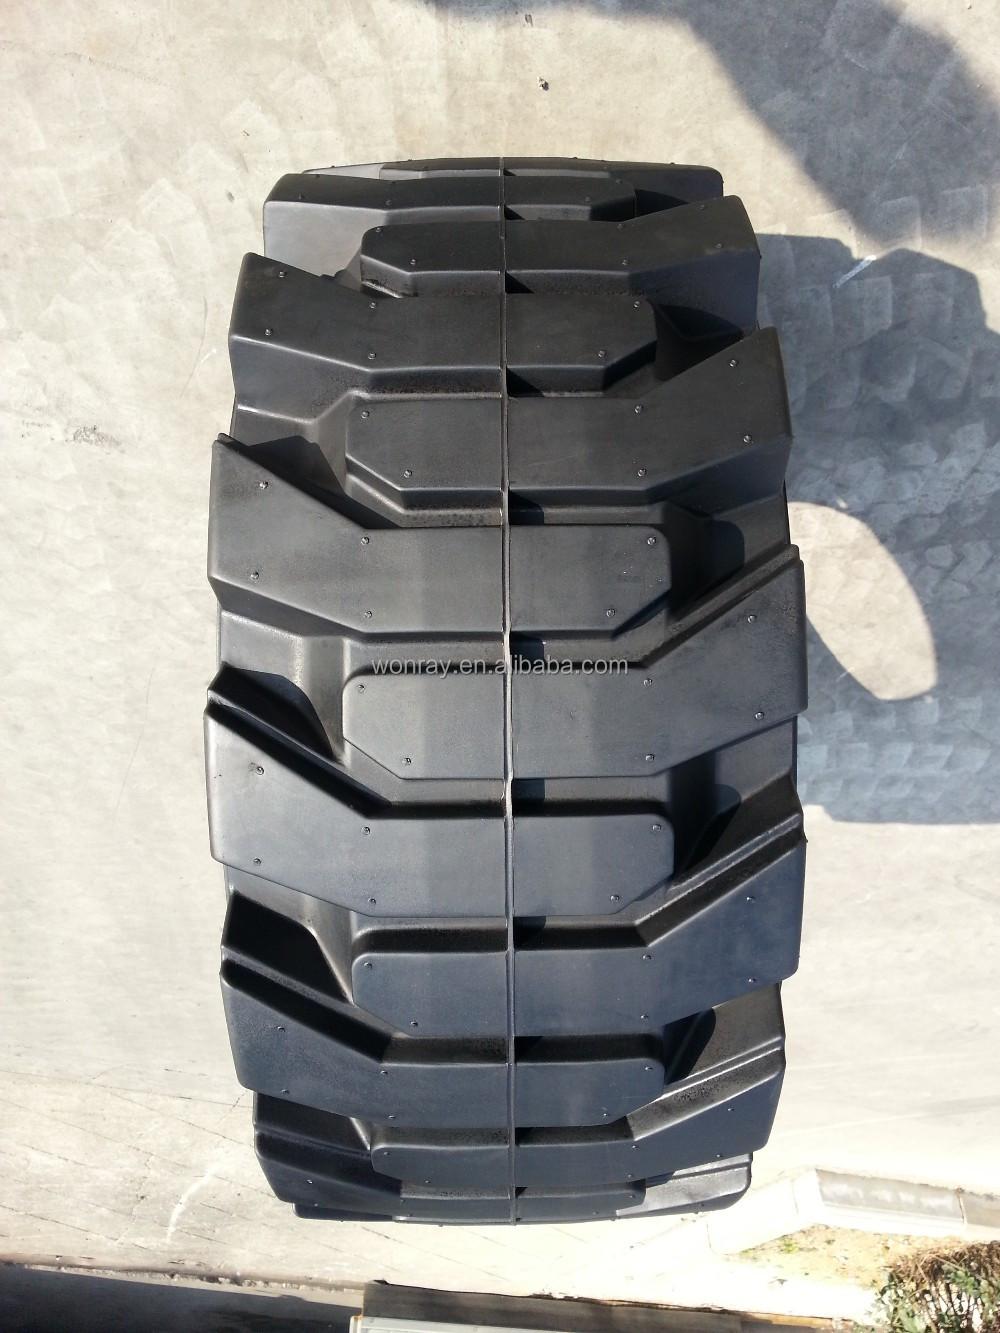 bas prix chinois chargeuse bobcat pi ces pour vente skidsteer chargeur pneus roues et. Black Bedroom Furniture Sets. Home Design Ideas